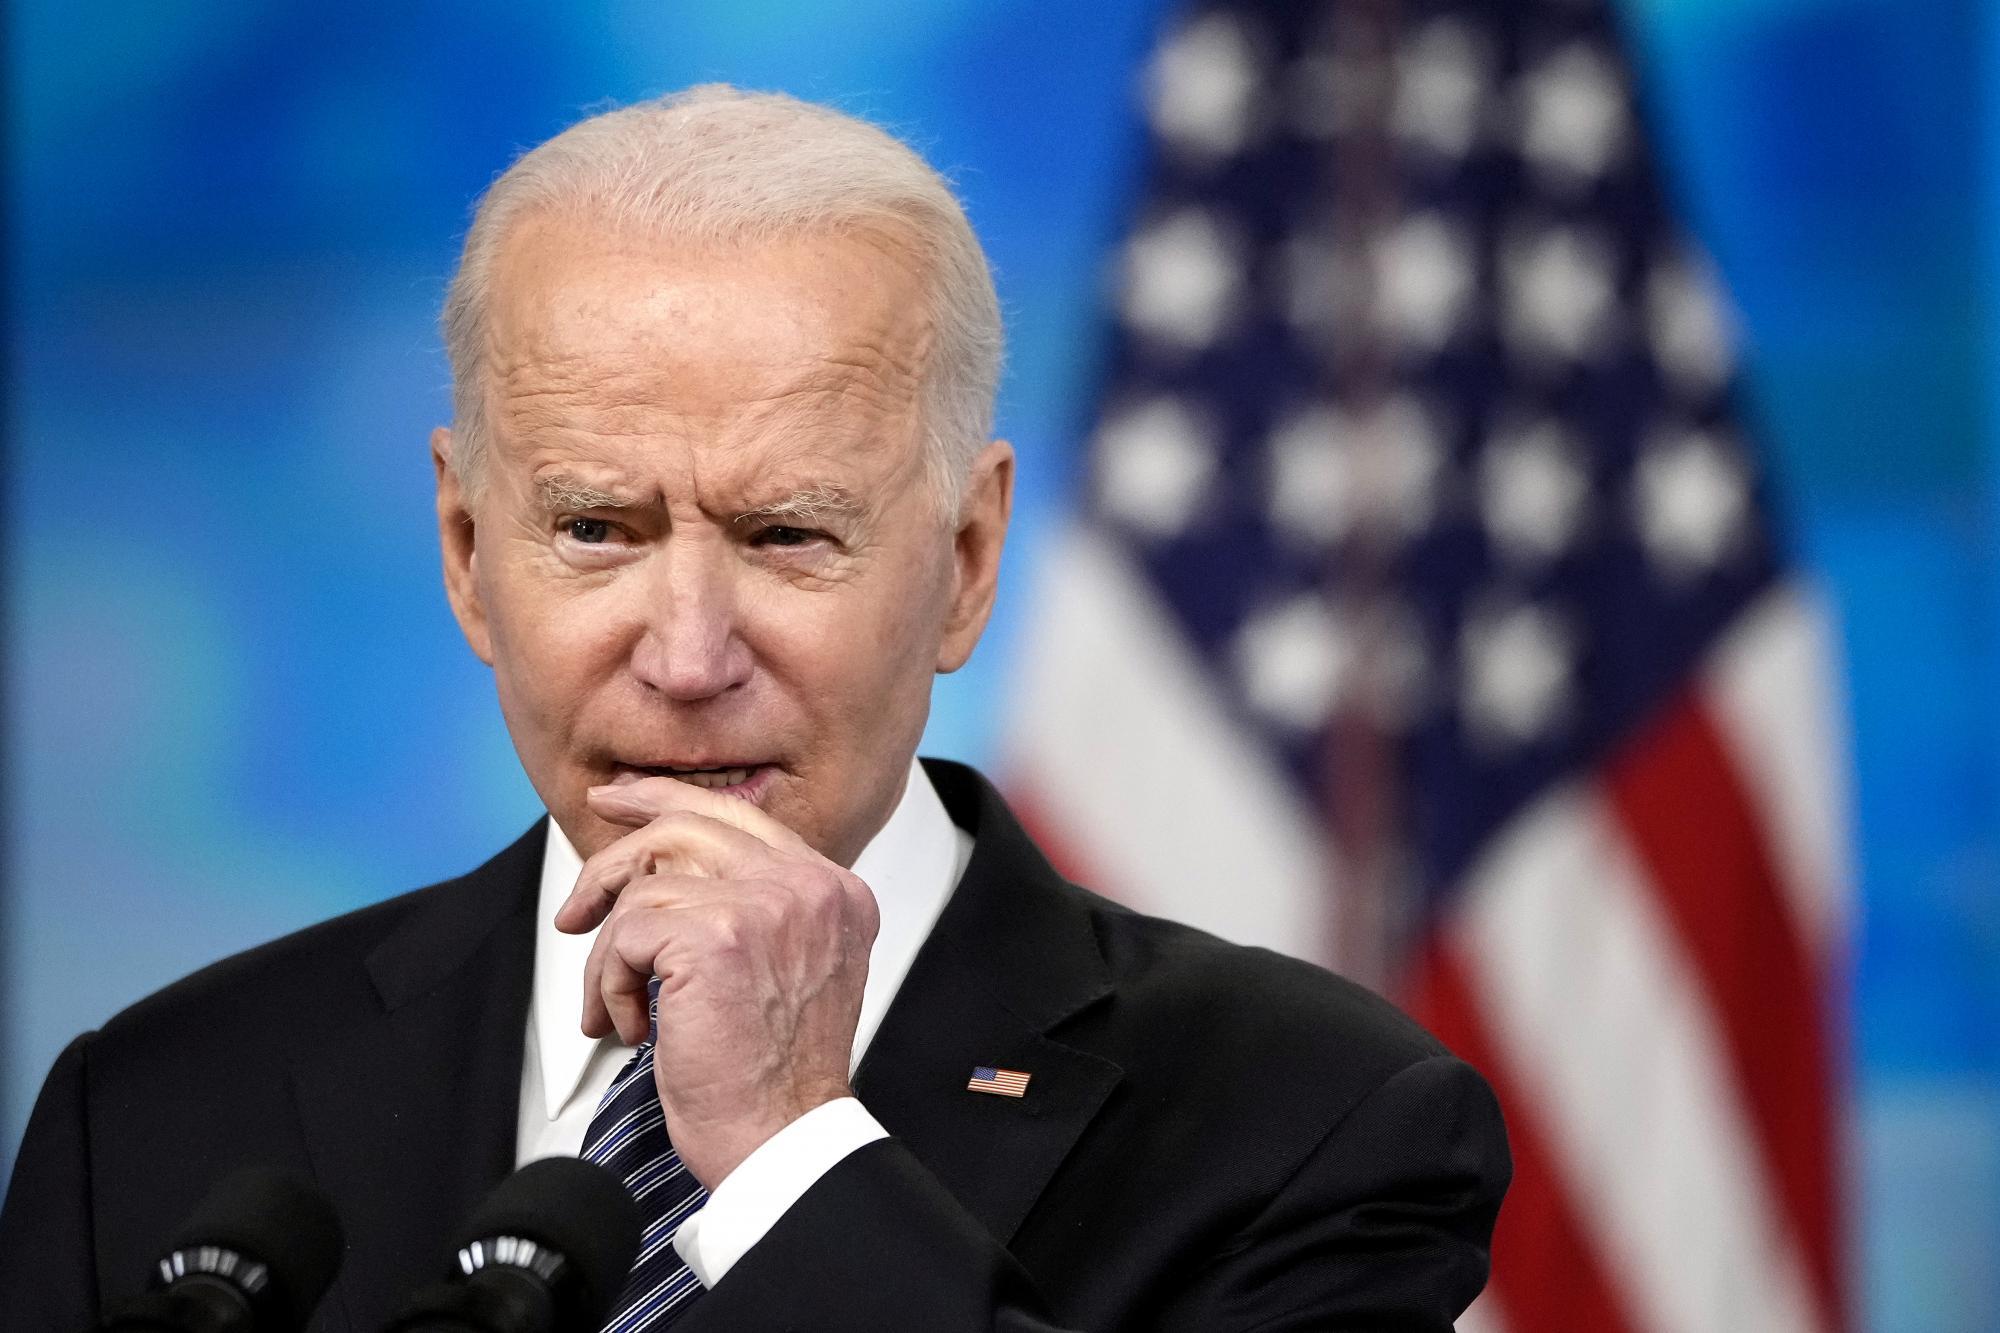 Криза довіри. Чим закінчиться конфлікт між США і Францією